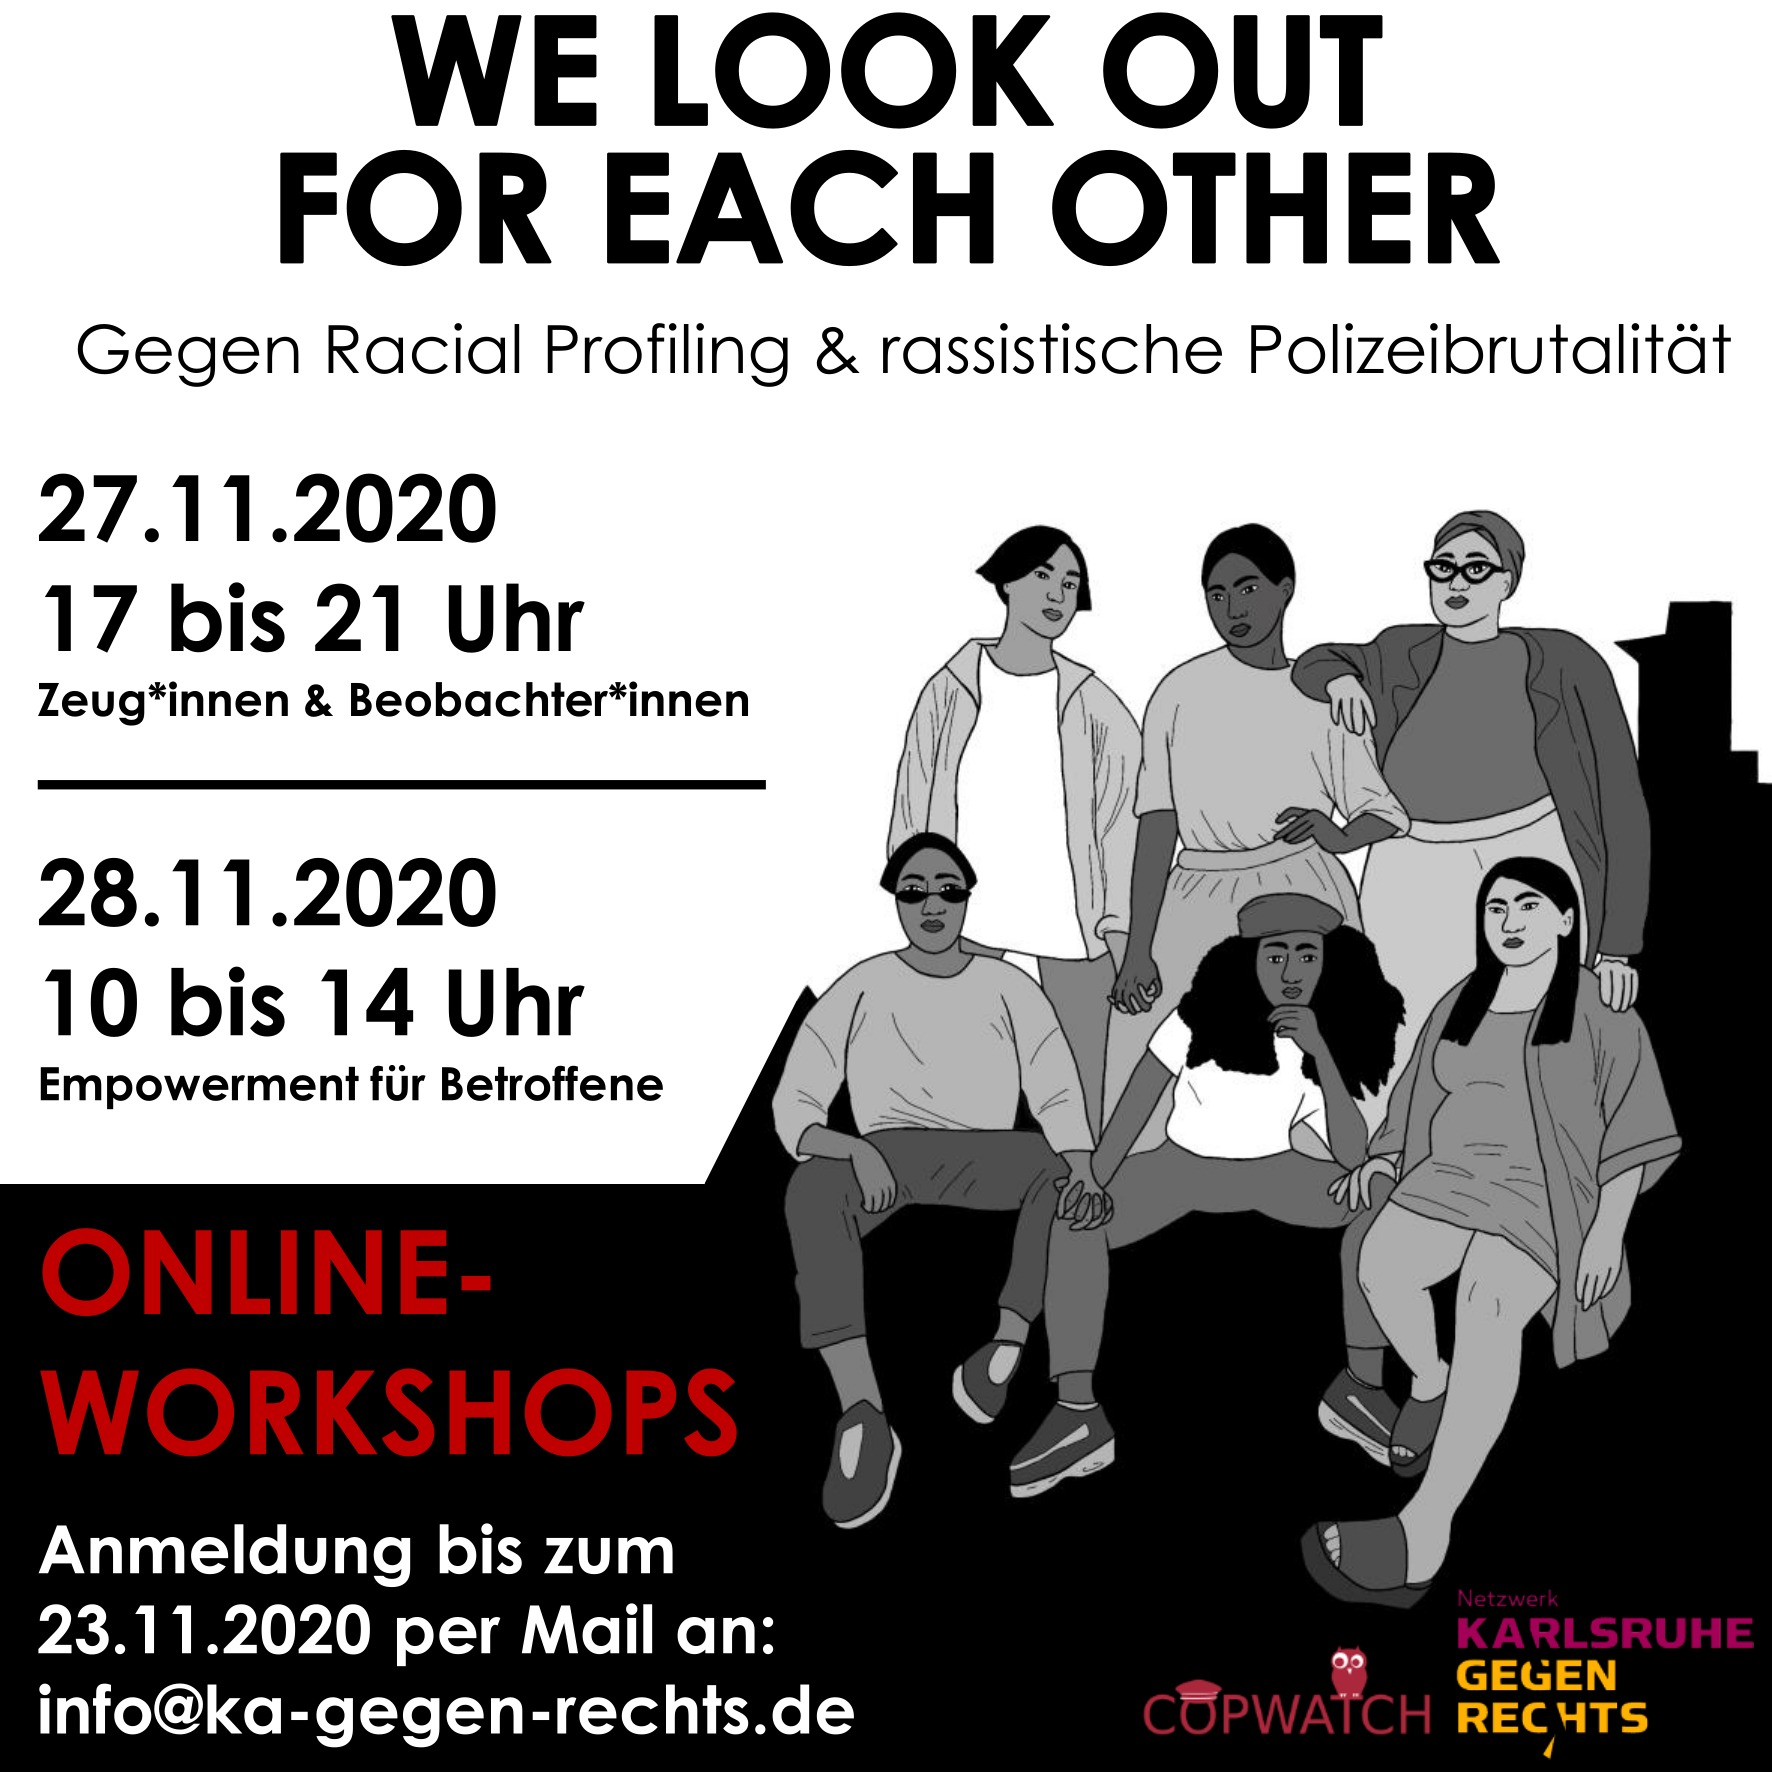 Workshops zum Thema rassistische Polizeibegegnungen für Betroffene und Beobachter*innen